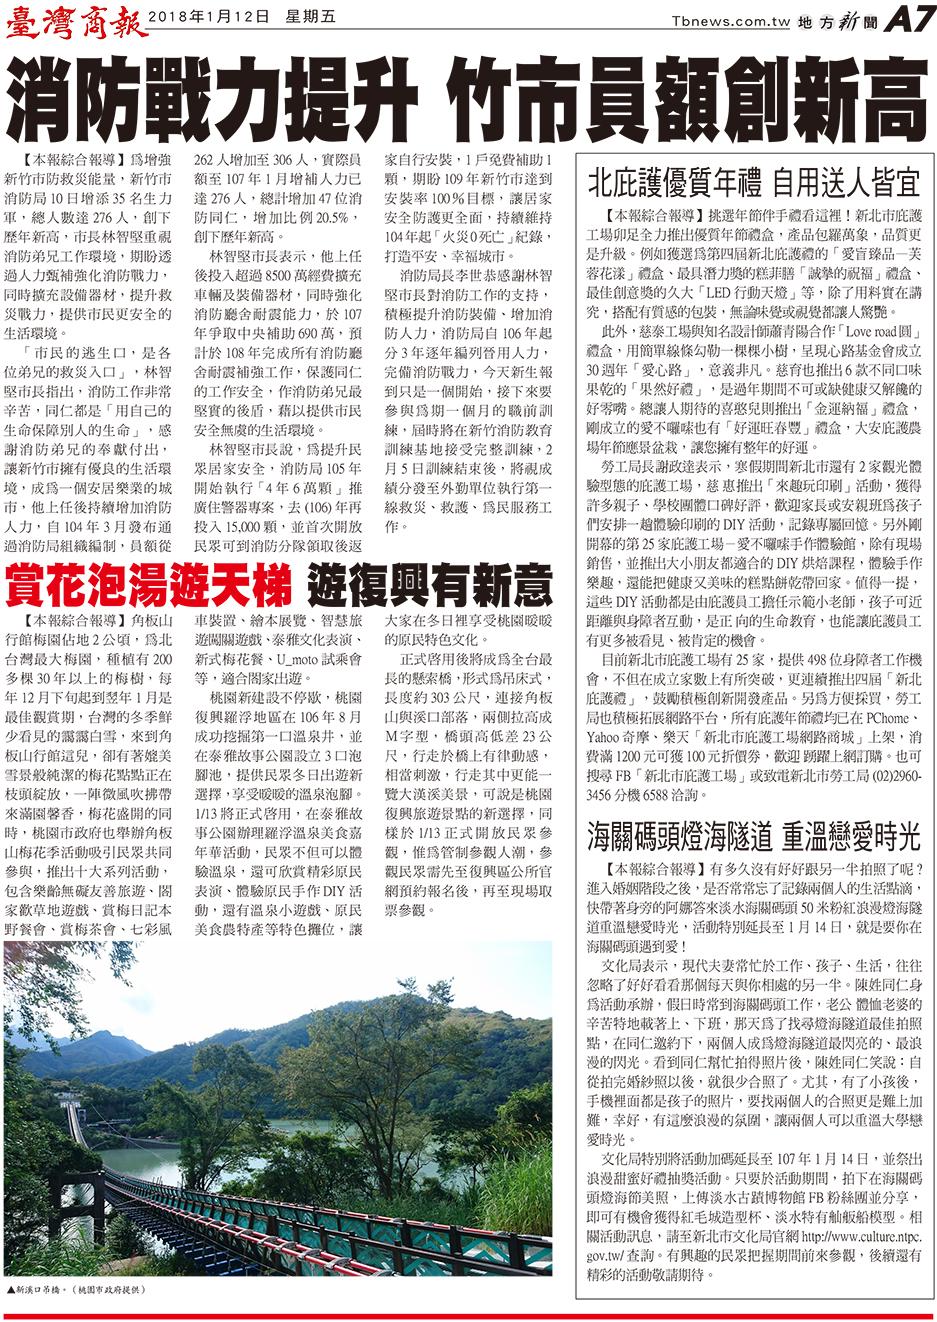 消防戰力提升 竹市員額創新高